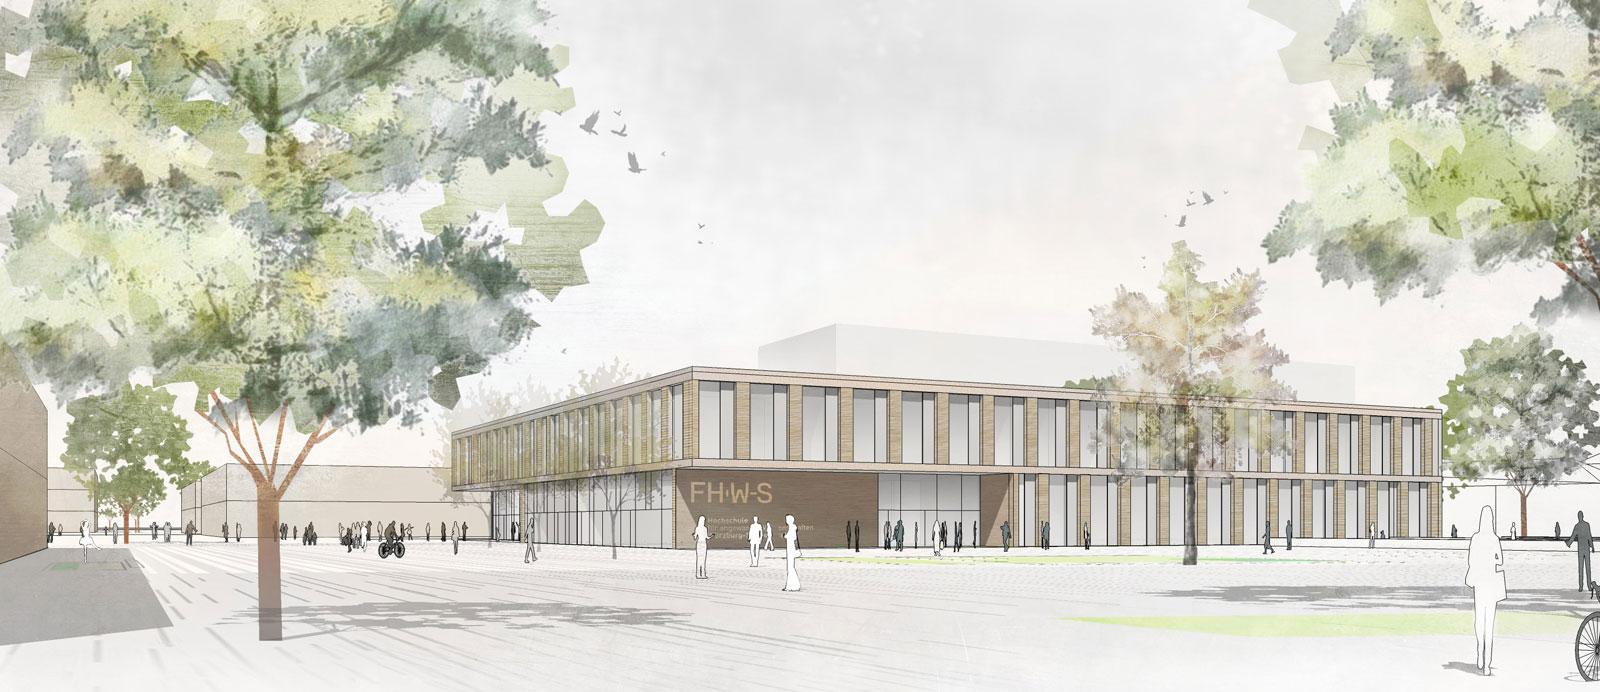 Architekten Schweinfurt faculty schweinfurt sinning architekten